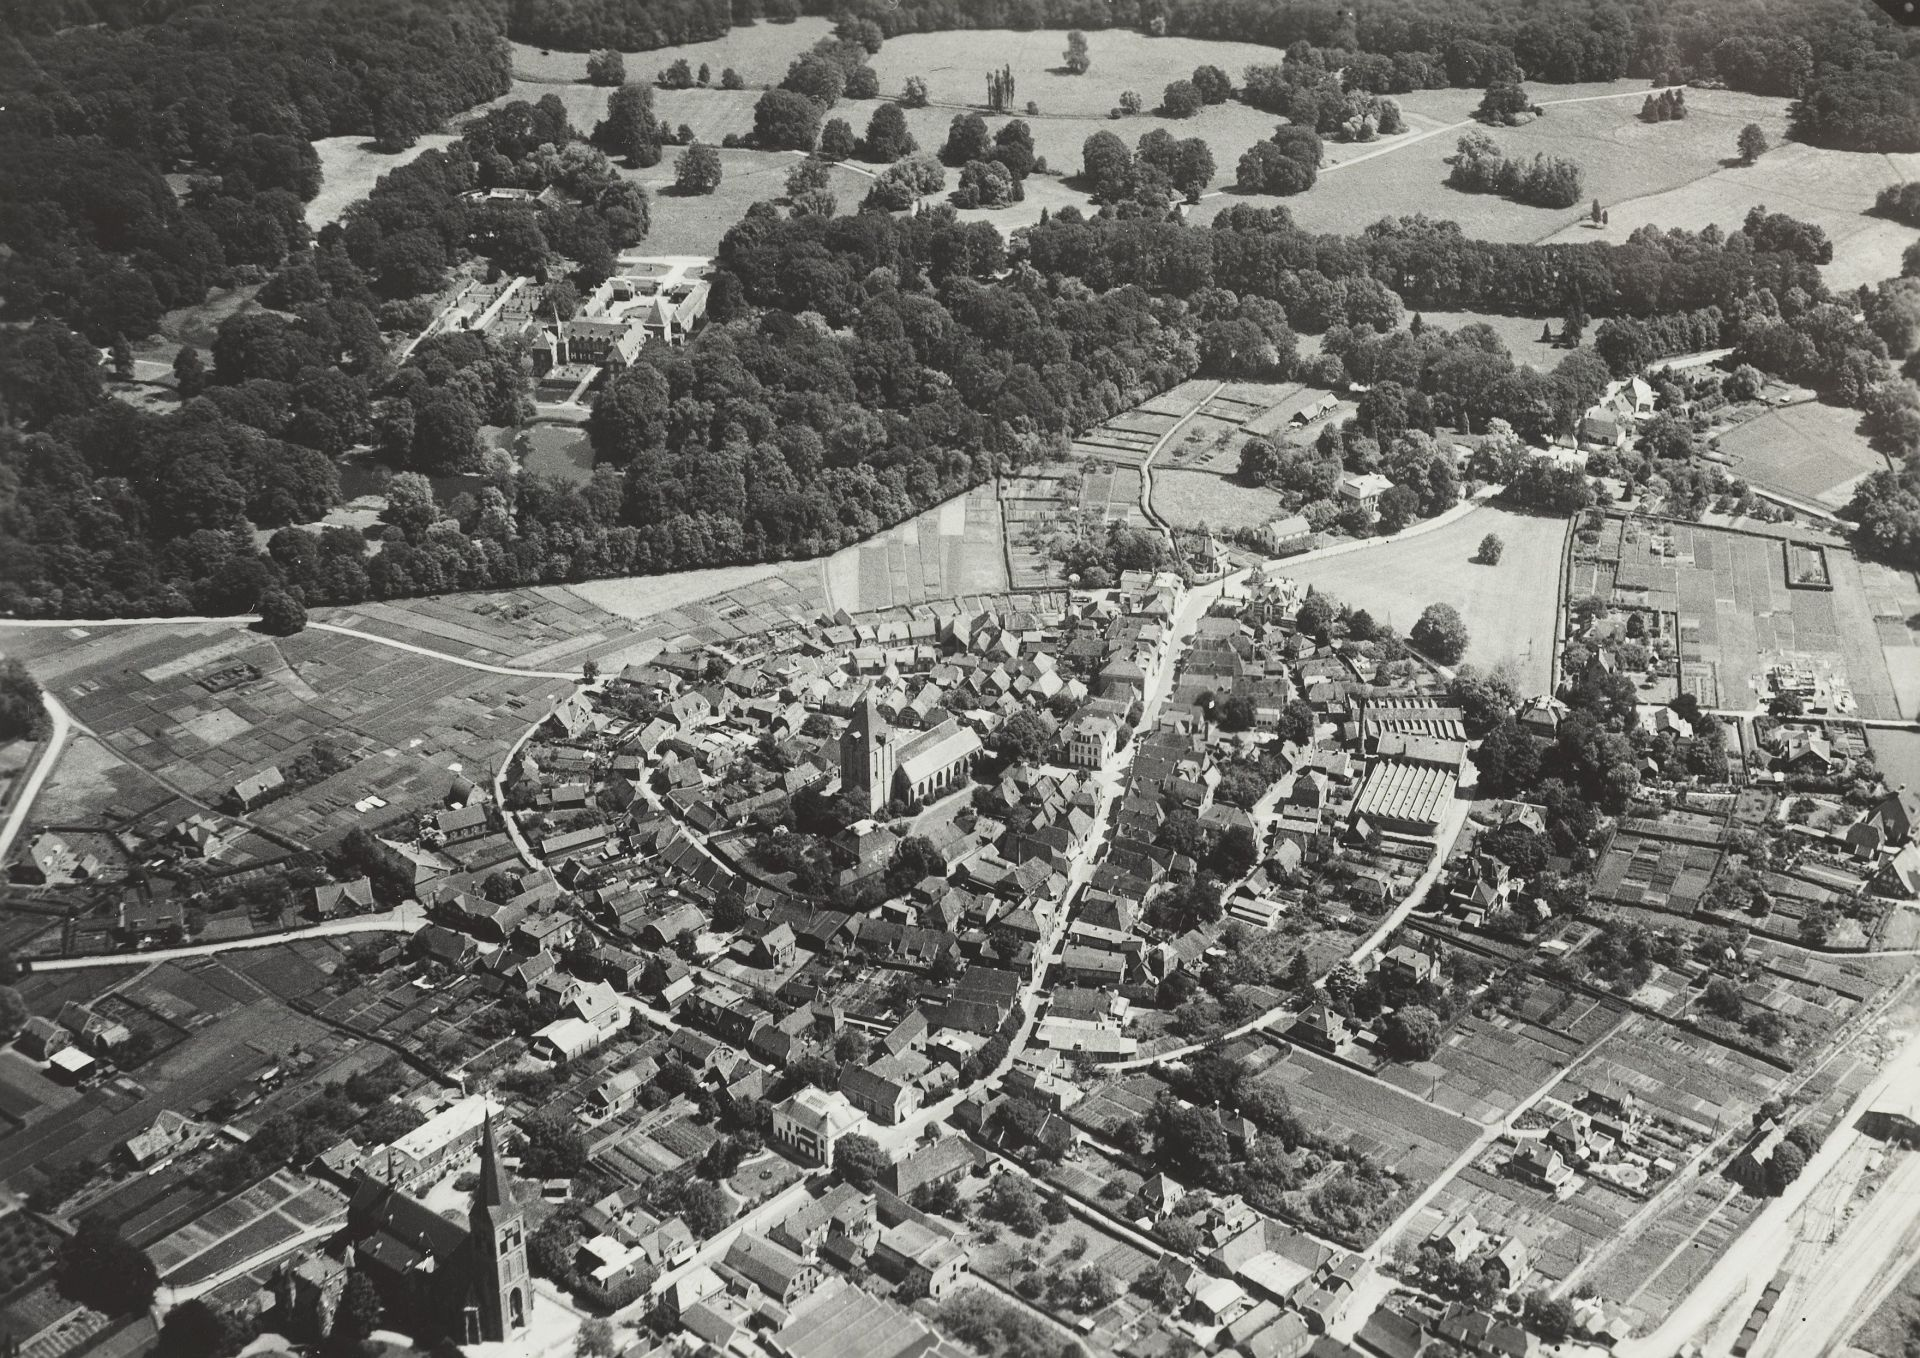 Historische luchtfoto's van Delden vrijgegeven